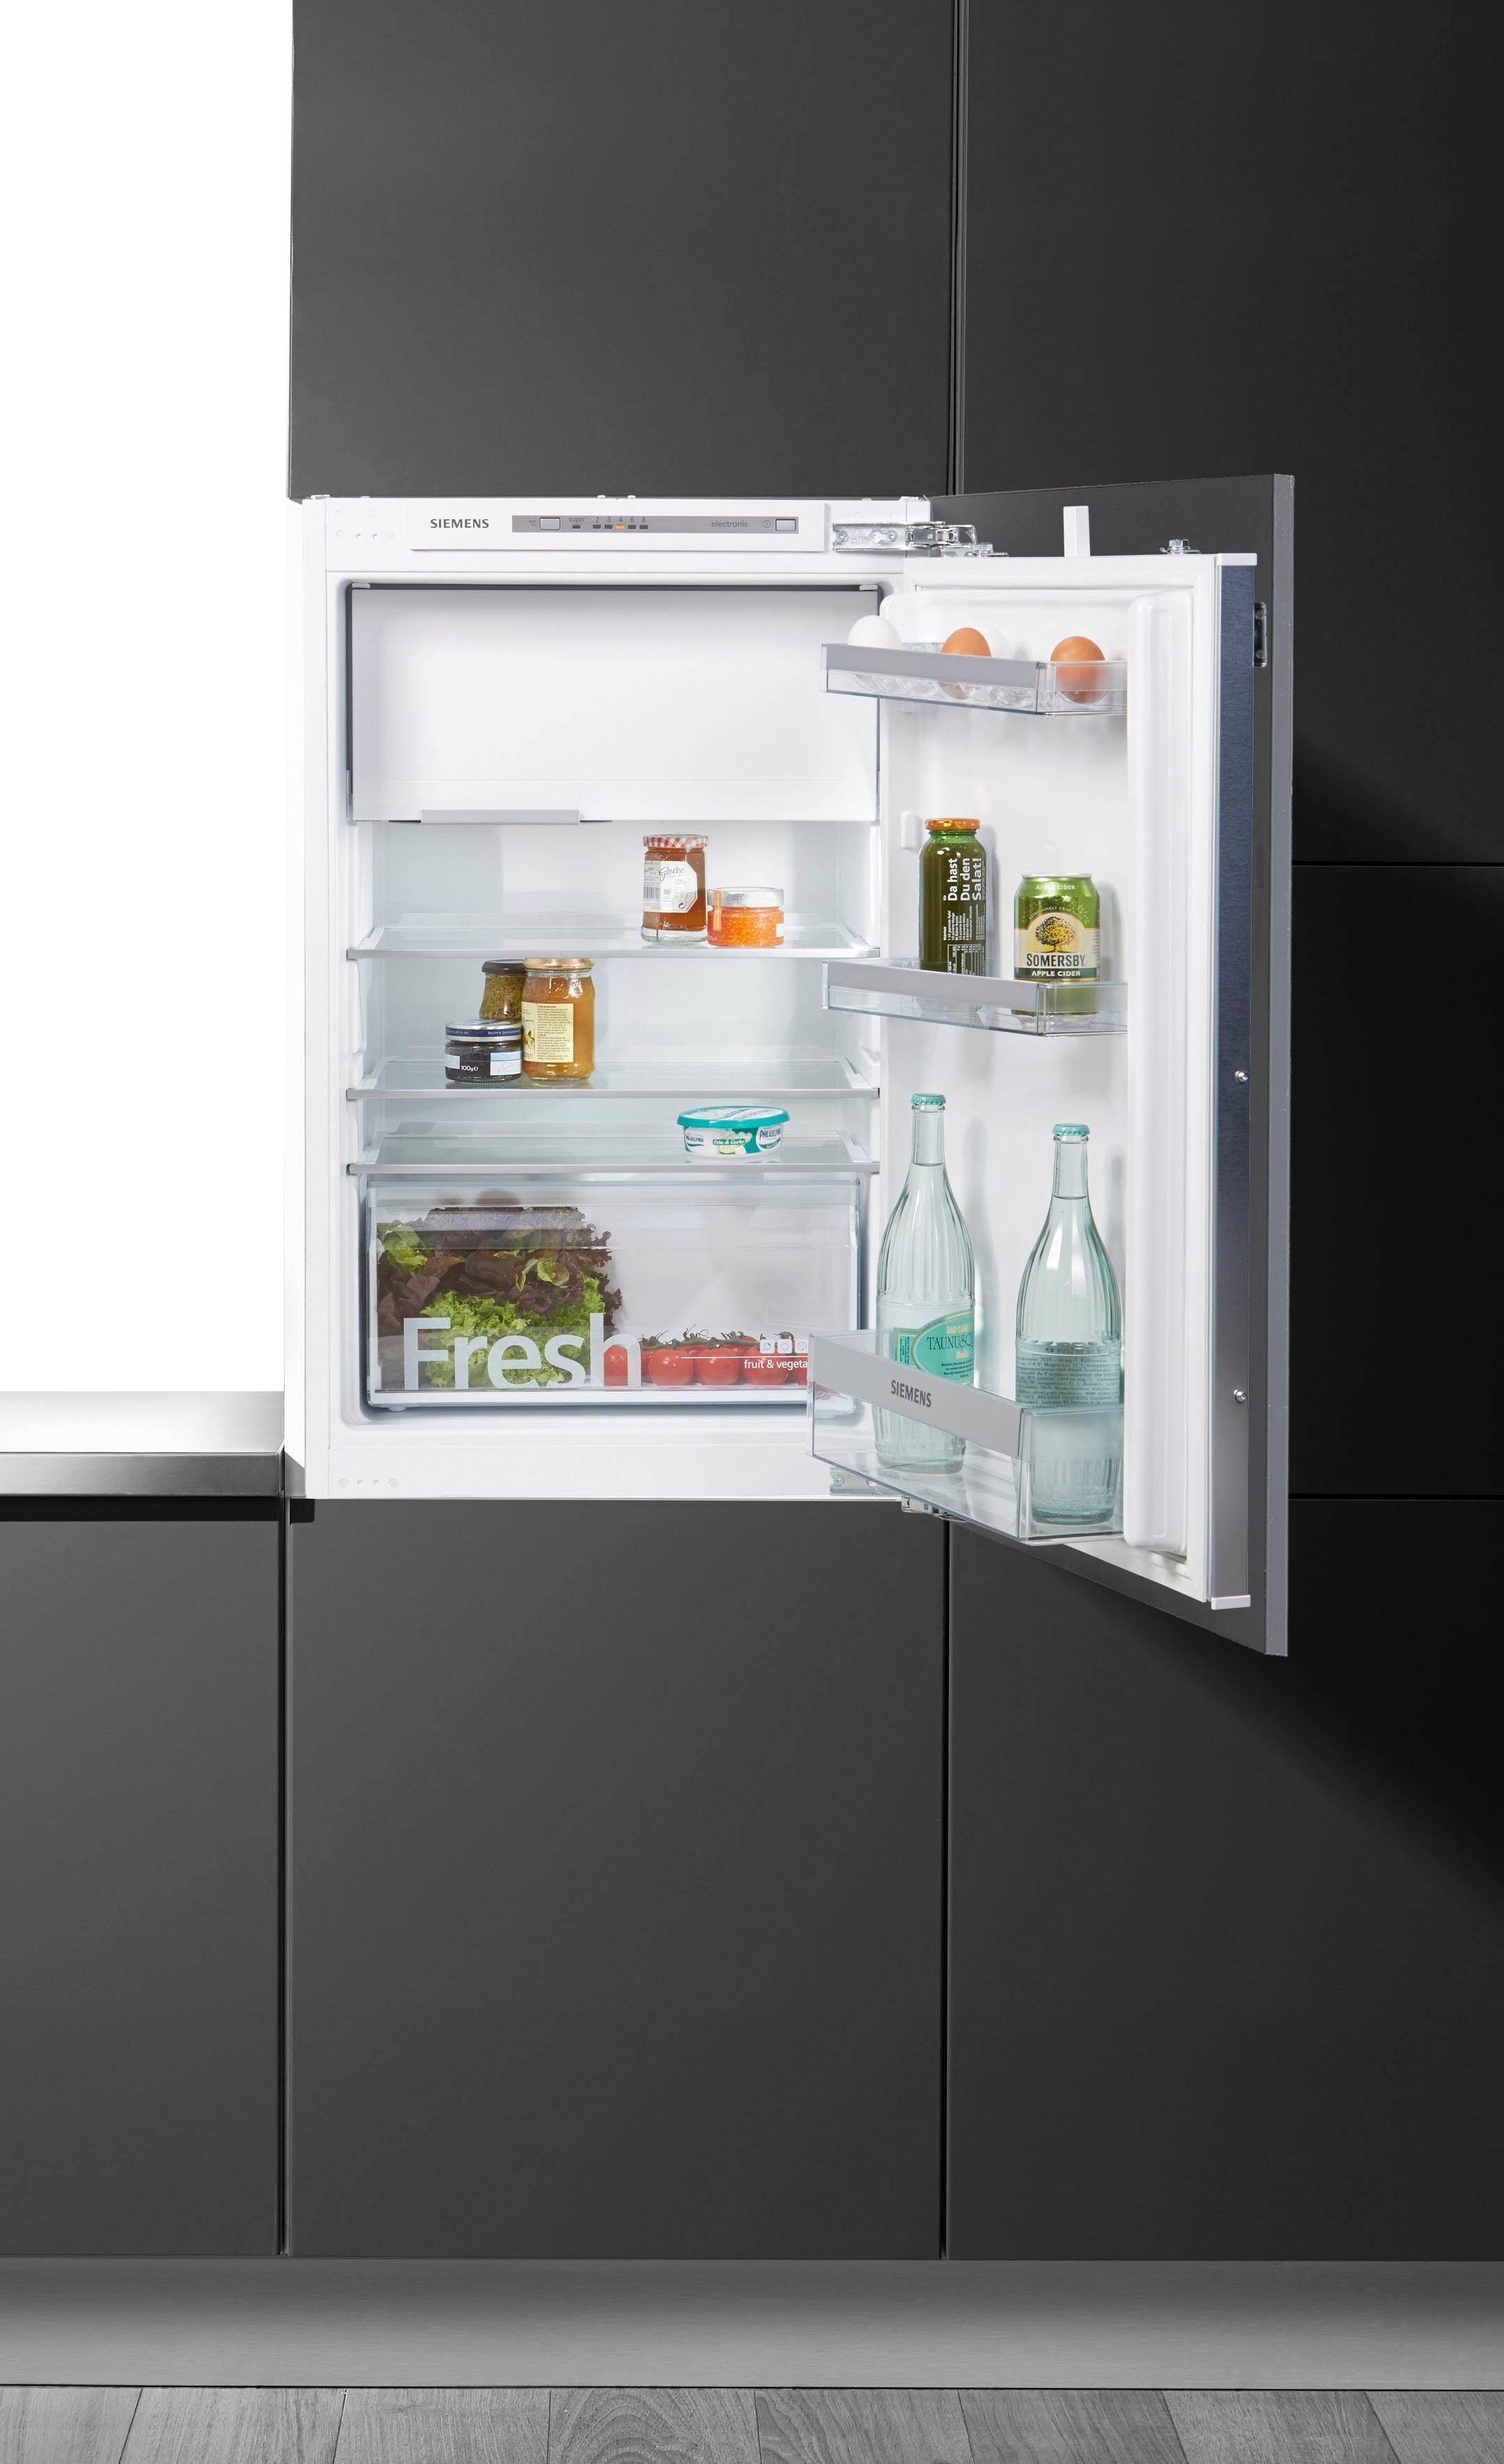 SIEMENS Einbaukühlschrank iQ300 KI22LVF40, 88 cm hoch, 56 cm breit